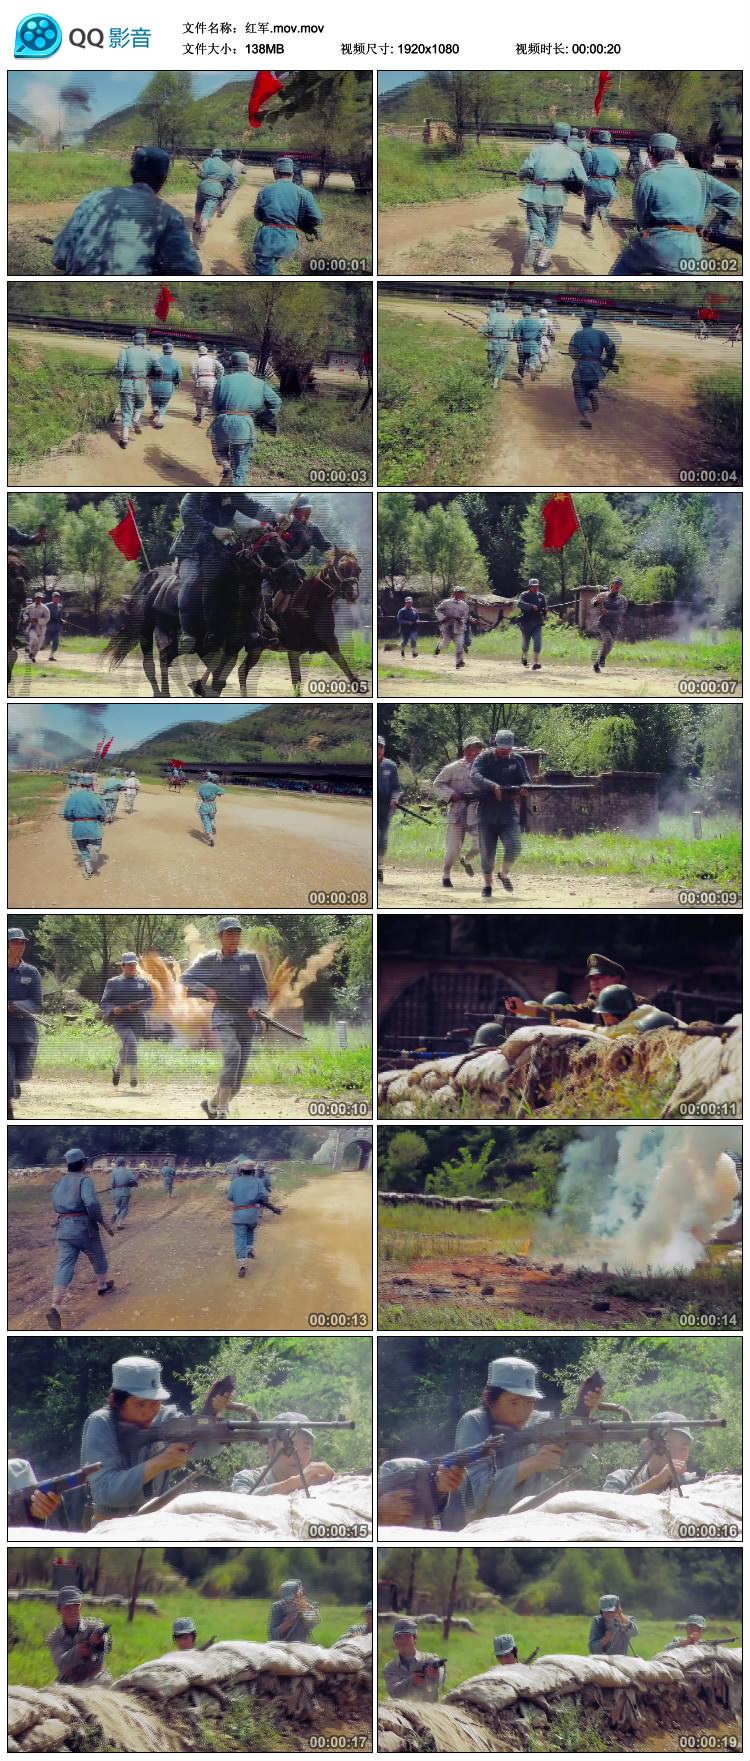 红军新四军战斗冲锋人民军队八路军战争抗战高清实拍视频素材